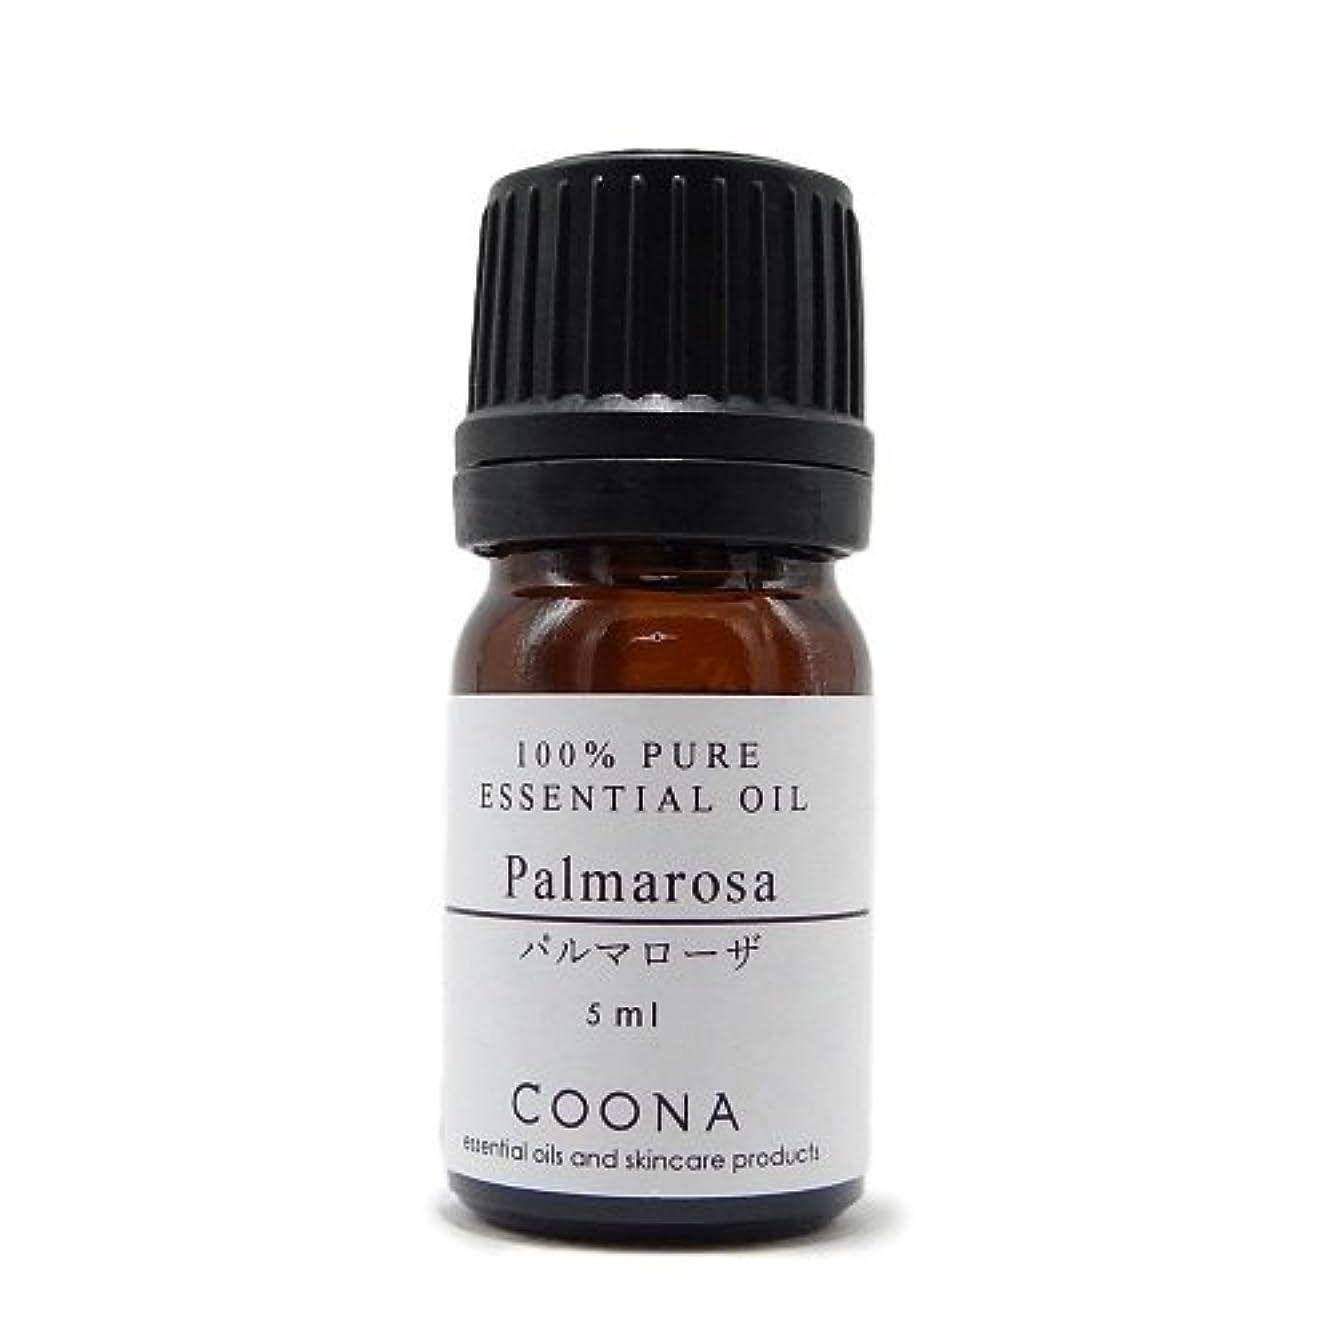 永久に租界散髪パルマローザ 5 ml (COONA エッセンシャルオイル アロマオイル 100%天然植物精油)